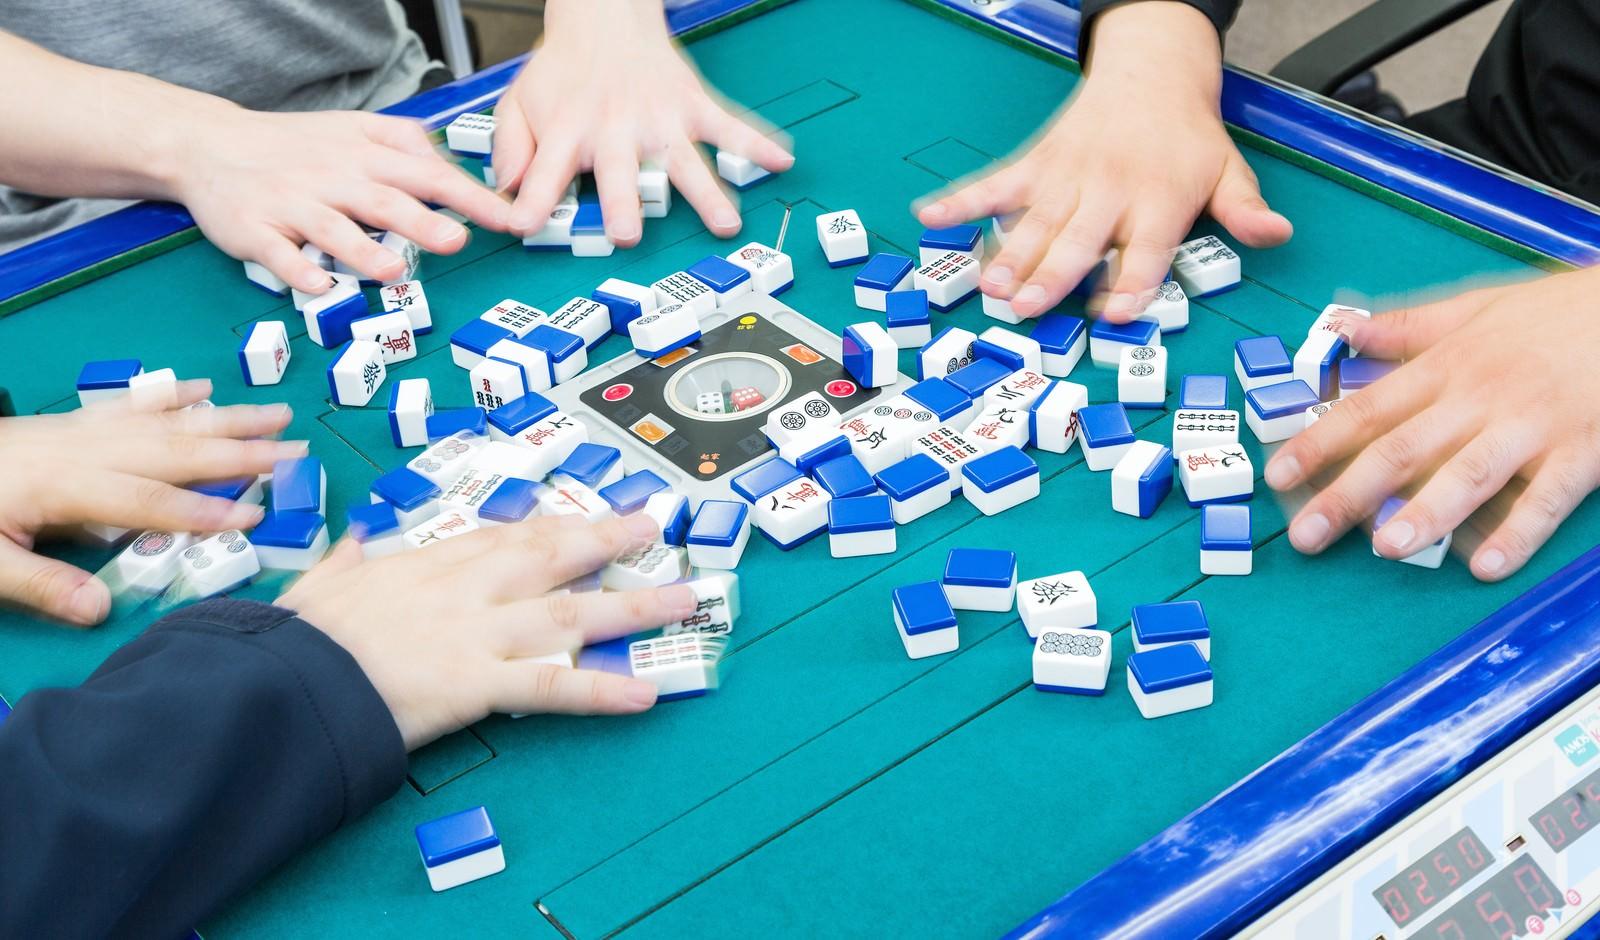 「全自動卓で無意味の洗牌(シーパイ)全自動卓で無意味の洗牌(シーパイ)」のフリー写真素材を拡大